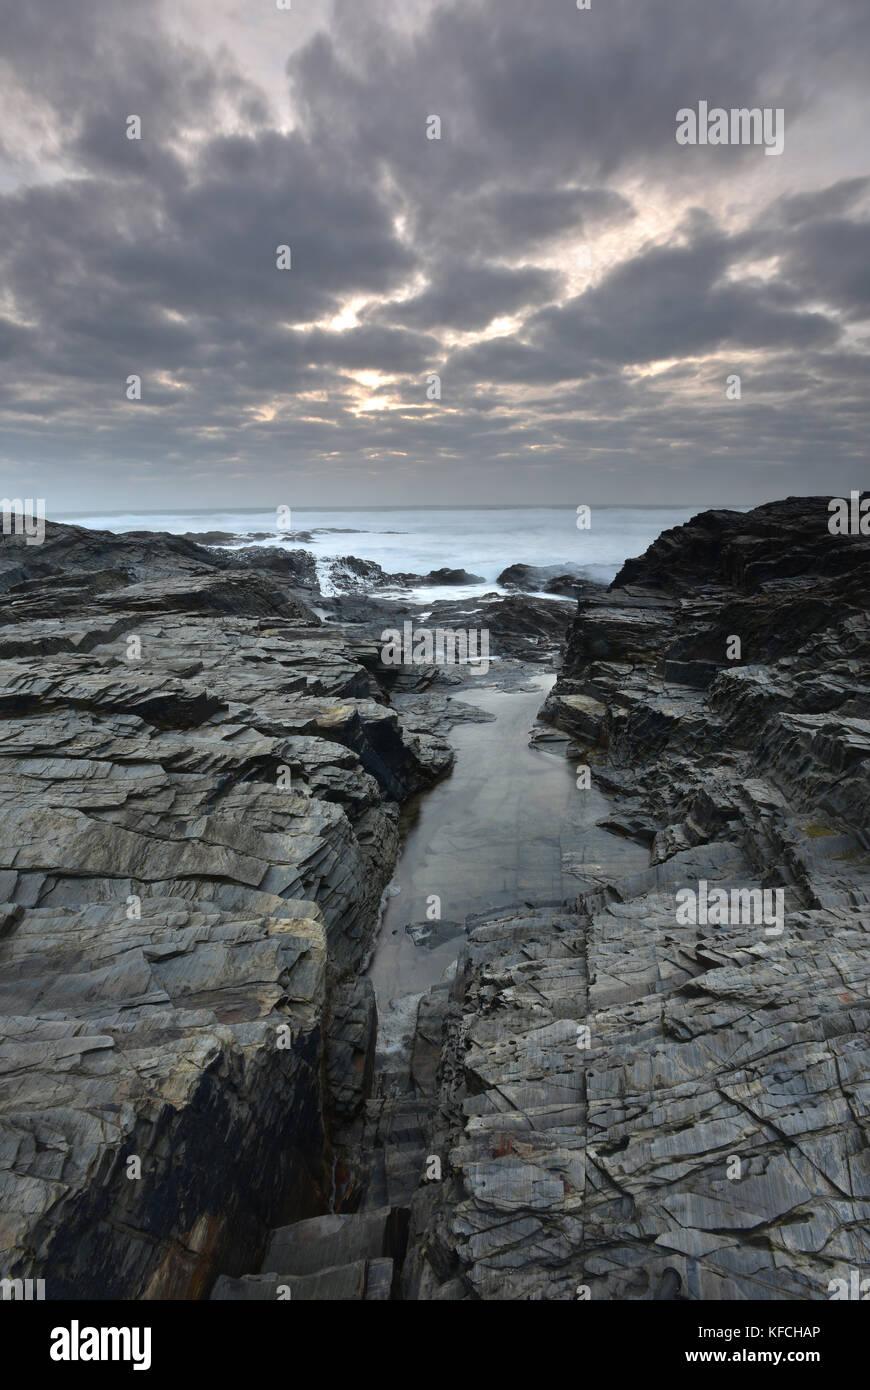 El rocoso y escarpado litoral cornish atmosférica en una noche tormentosa al atardecer en Cornwall. paisajes Imagen De Stock